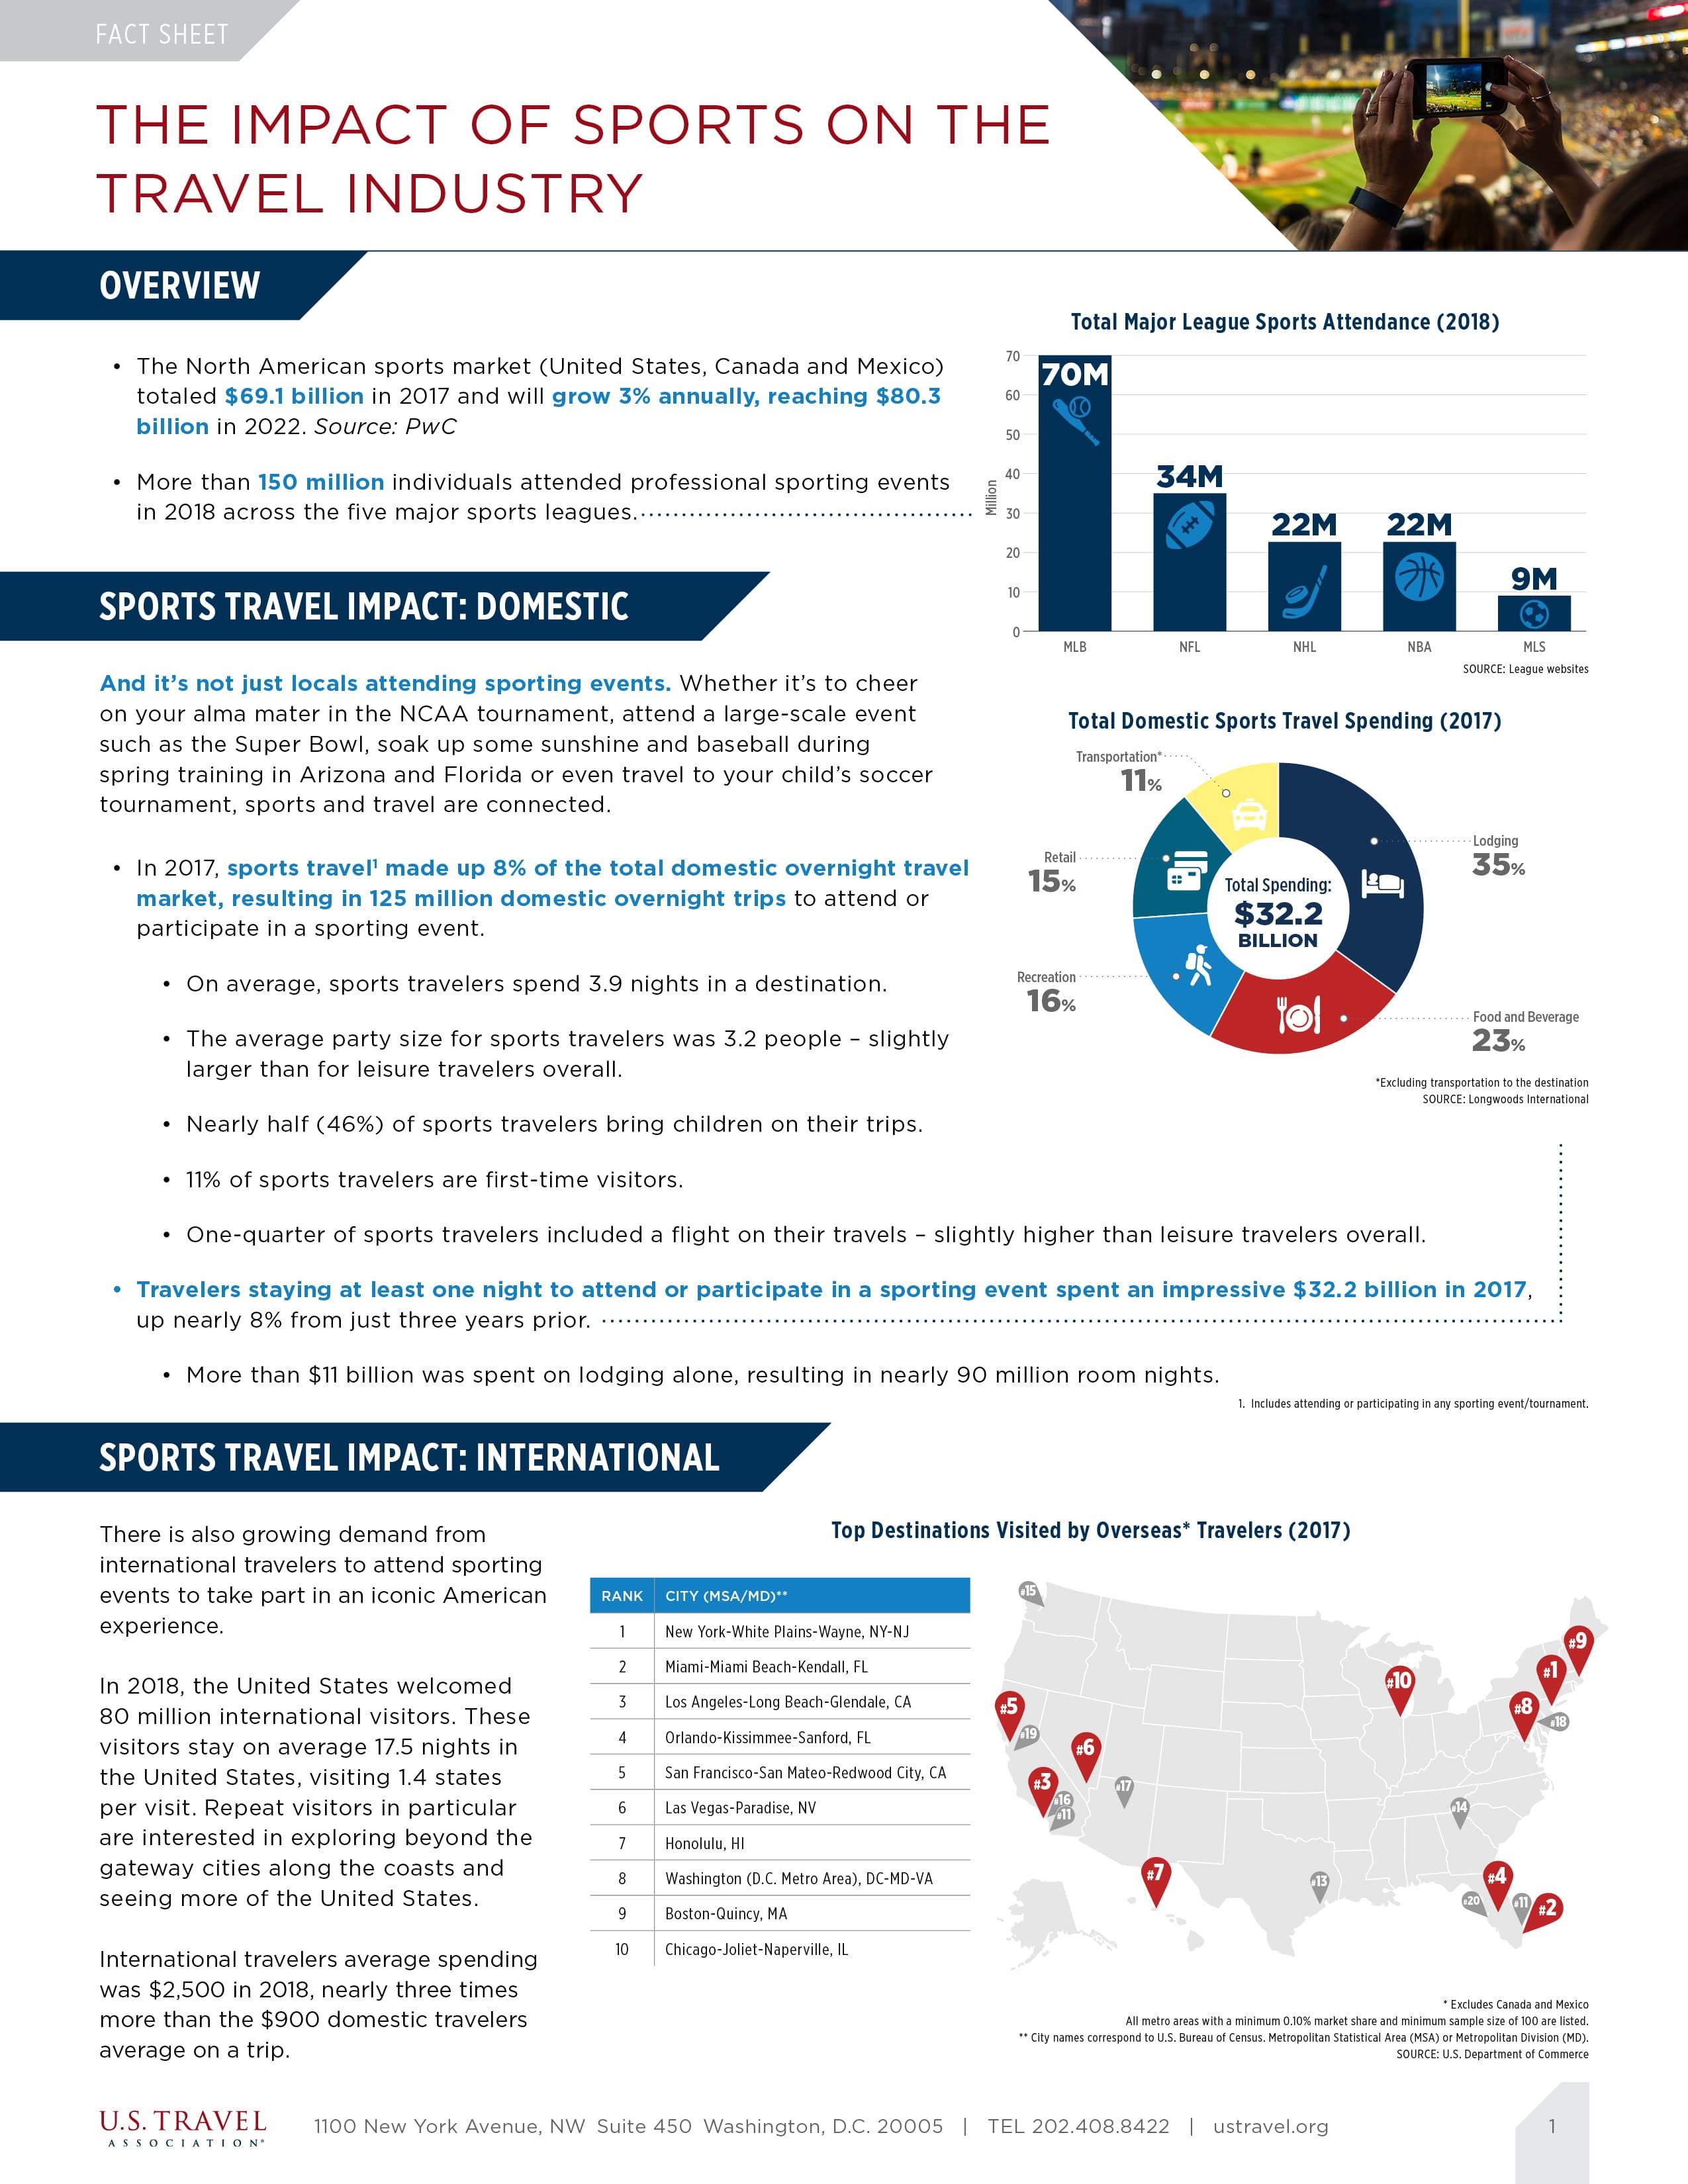 Sports Travel fact sheet teaser